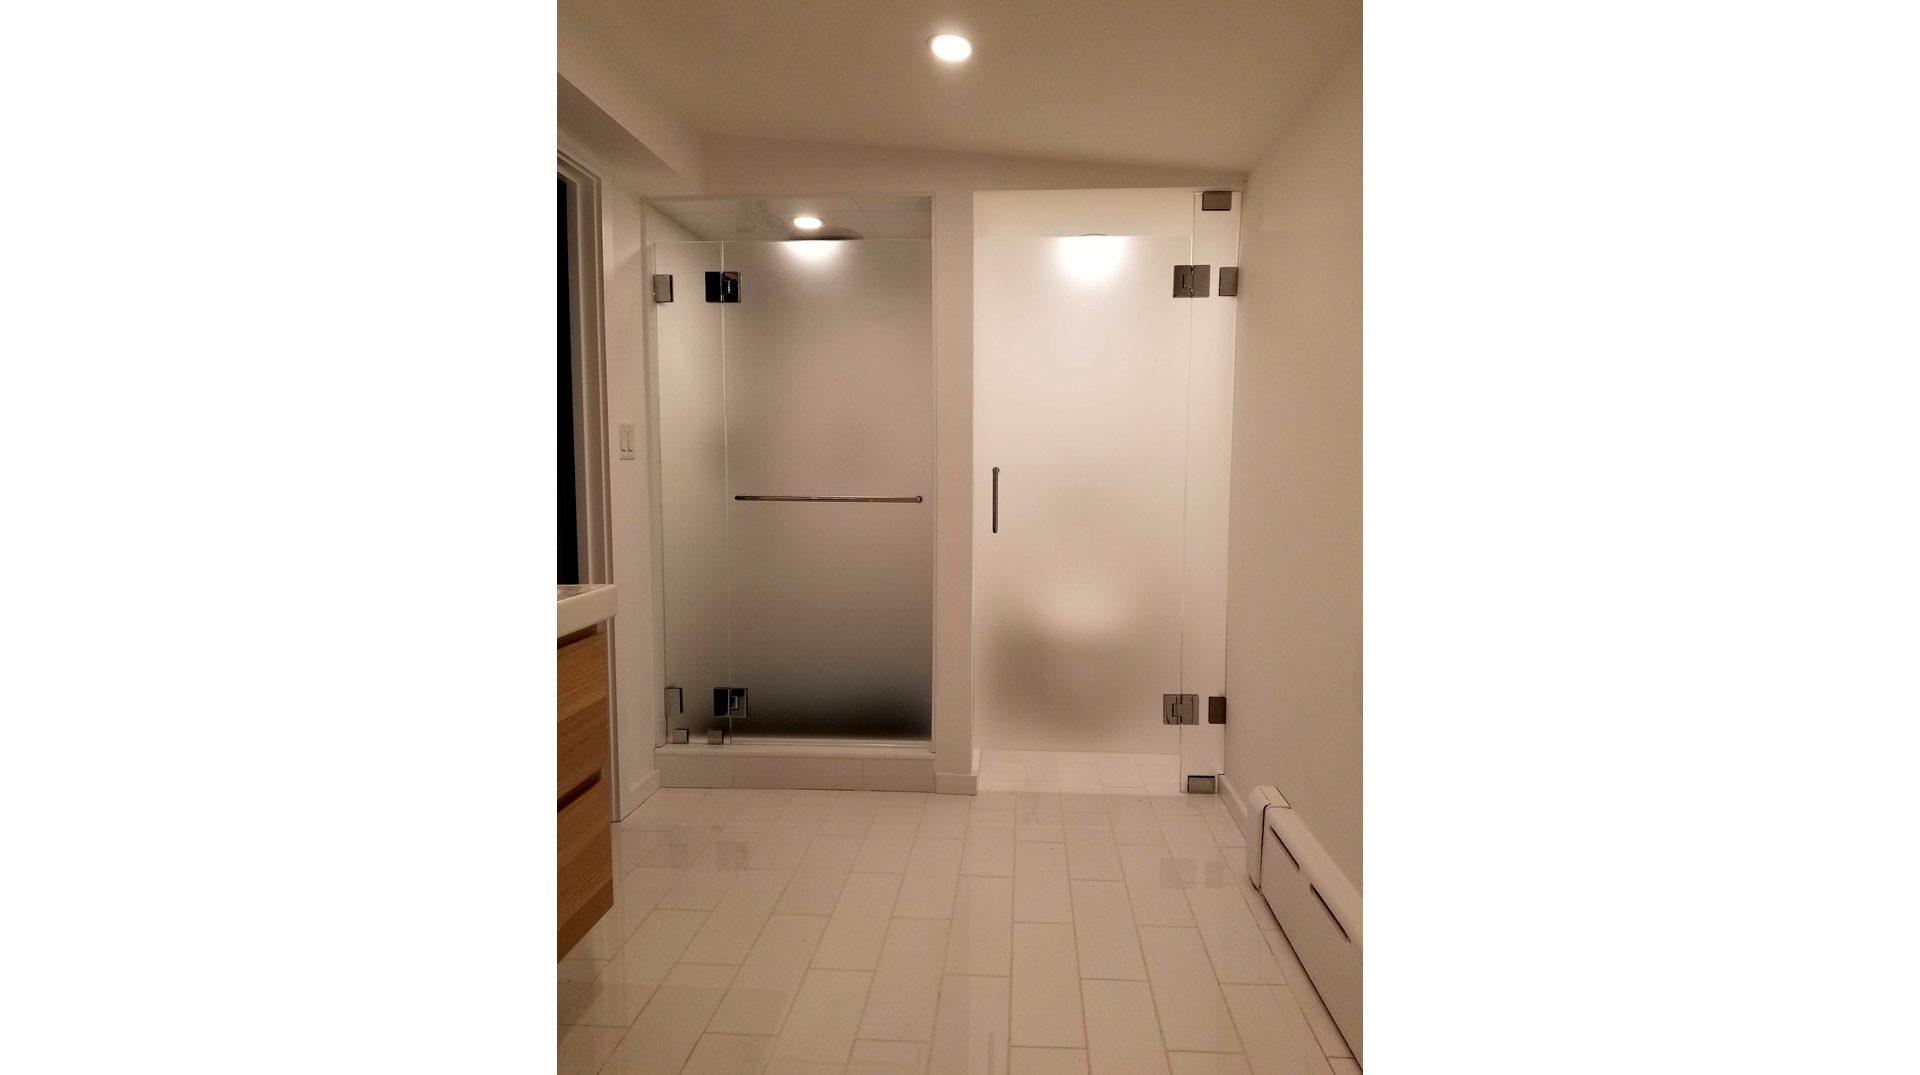 frameless shower door and water closet door in Westwood